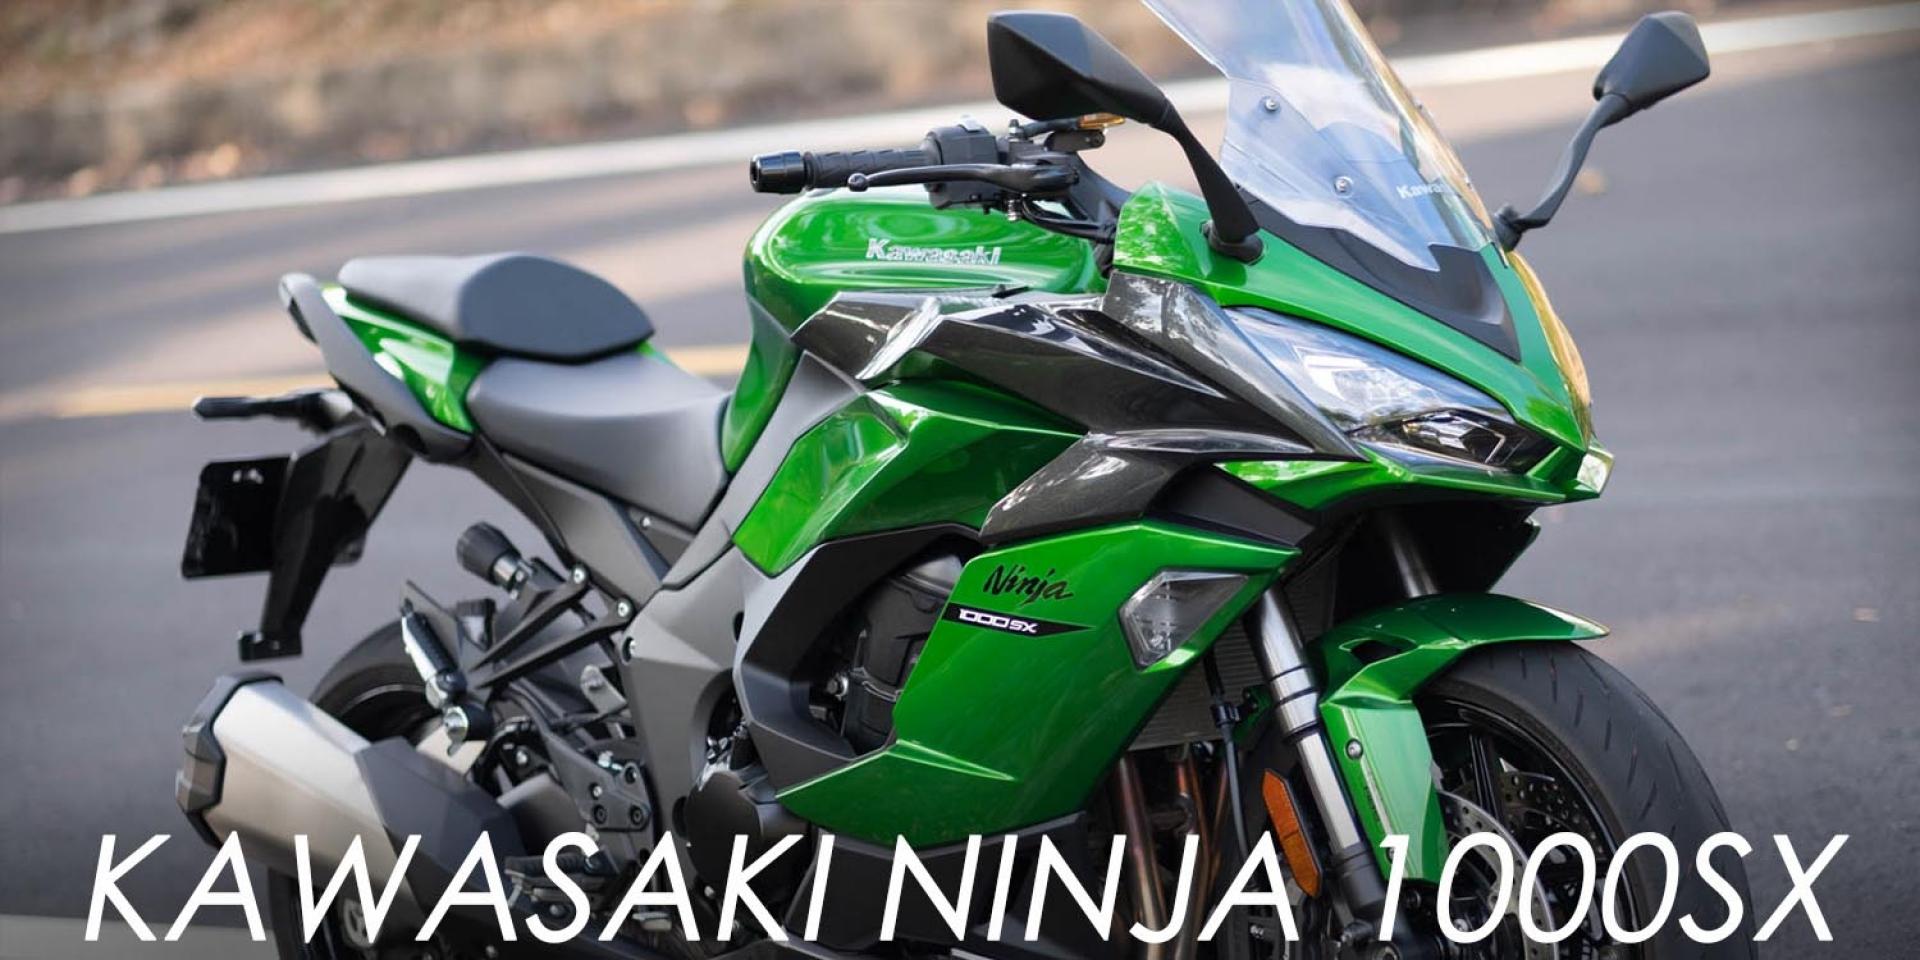 長途舒適 山道靈活的全新忍者!2020 KAWASAKI NINJA 1000SX